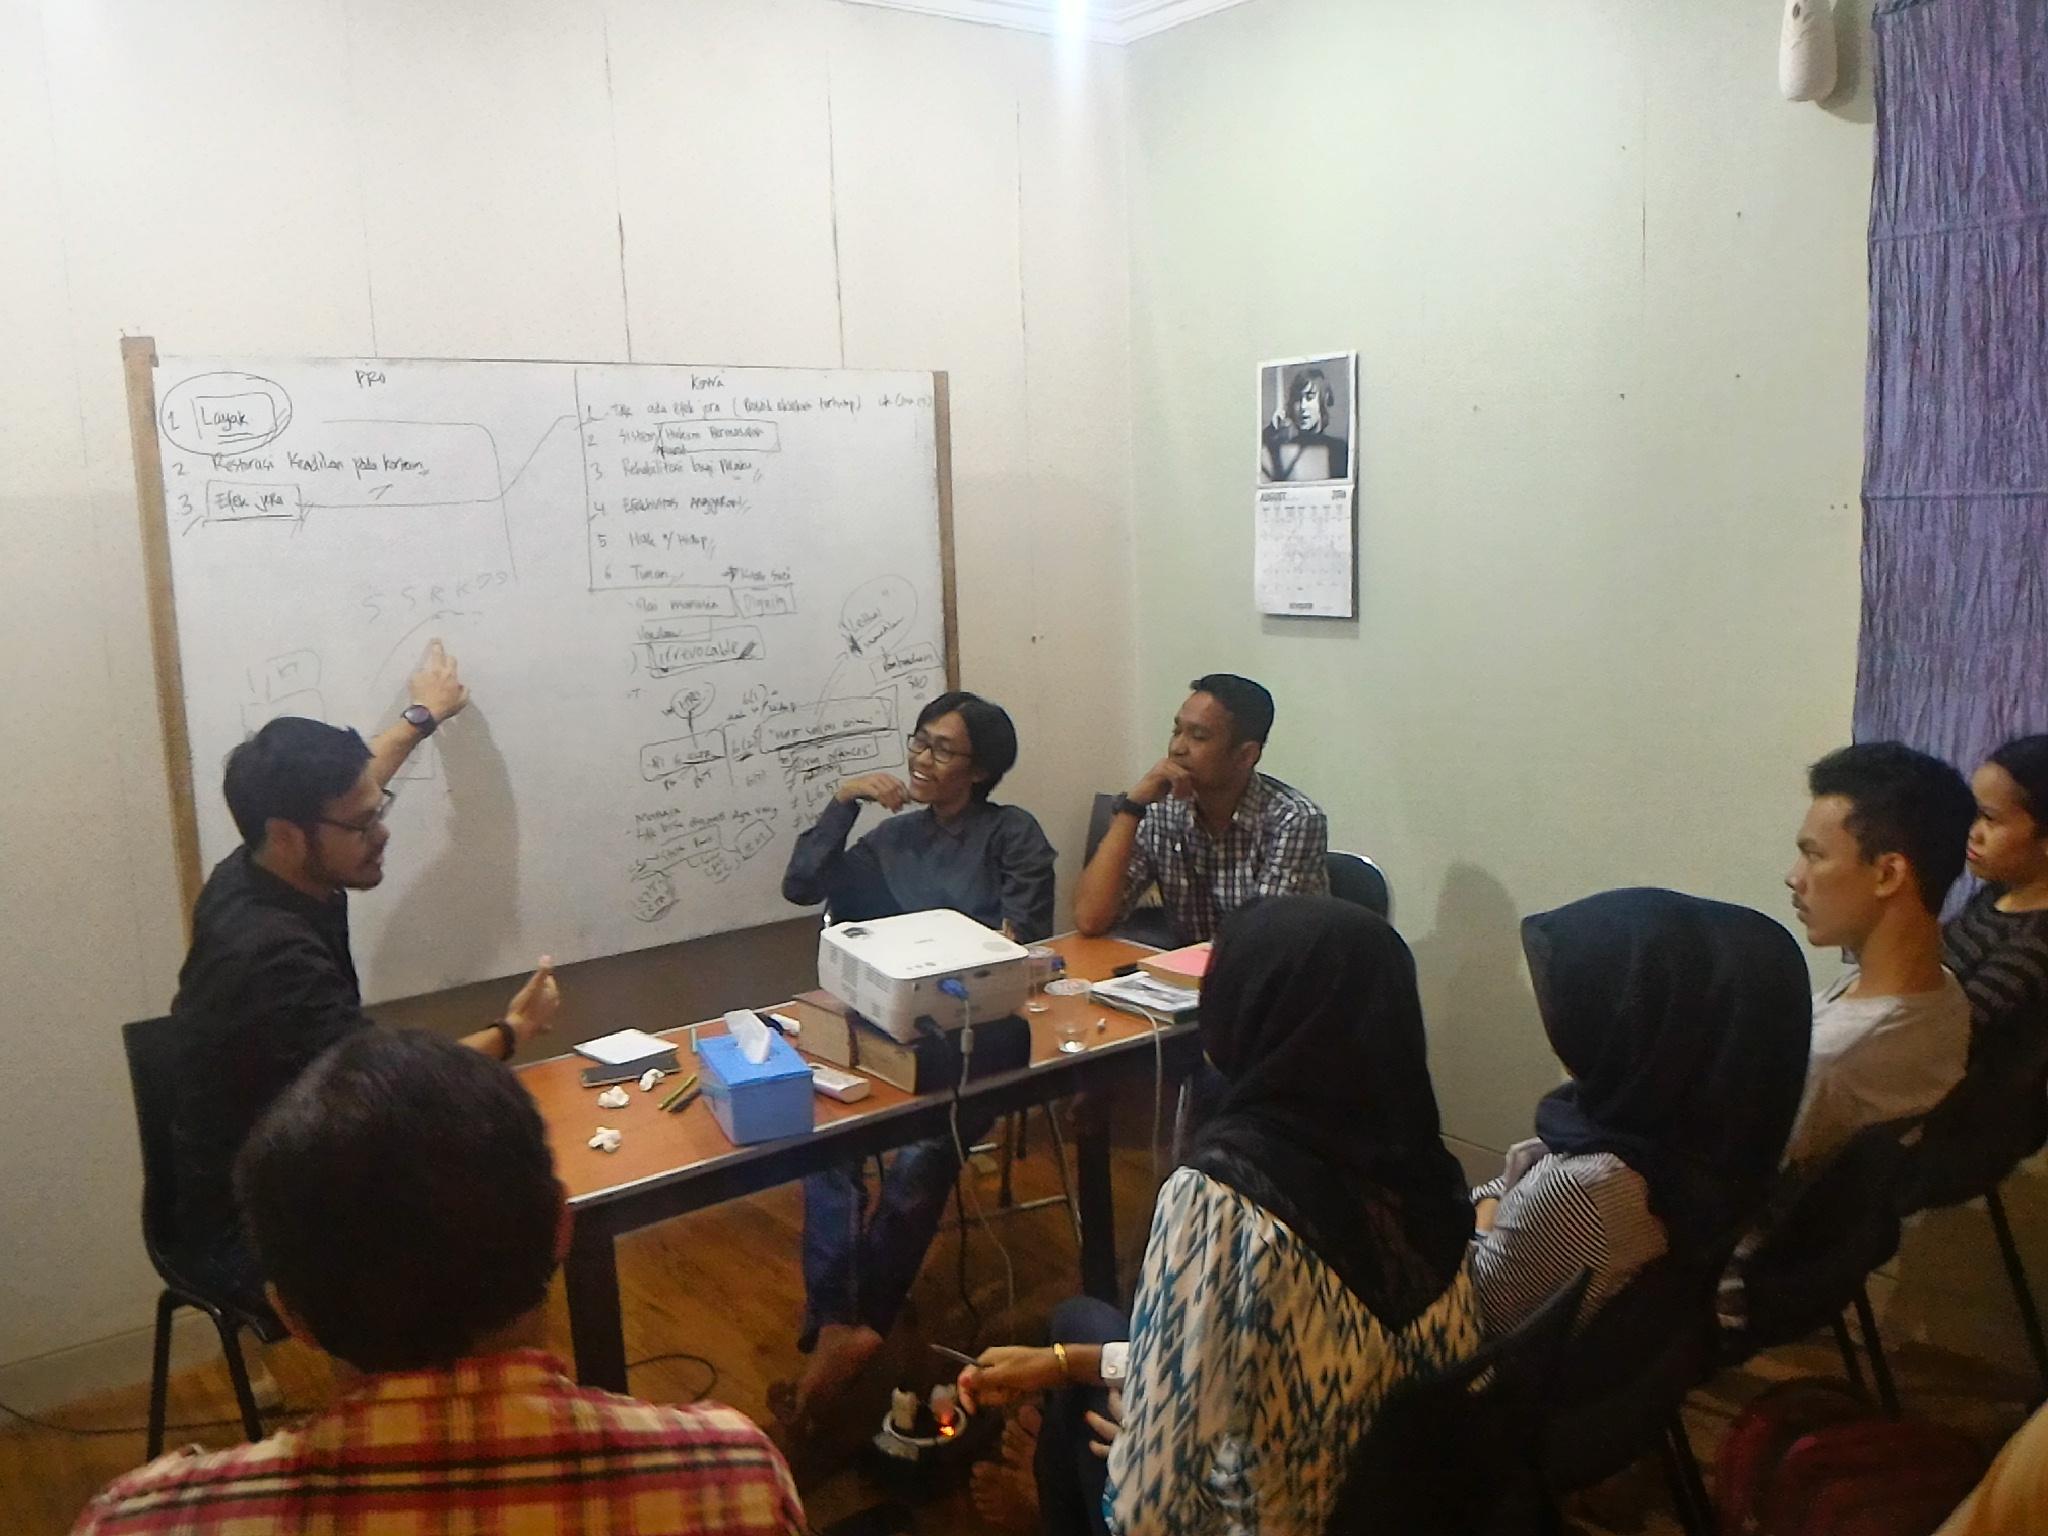 Dimoderatori Dominggus Christian Polhaupessy, peserta mendapat materi dari Raynov Gultom dan Muhammad Afif mengenai pendampingan terpidana mati di Indonesia.